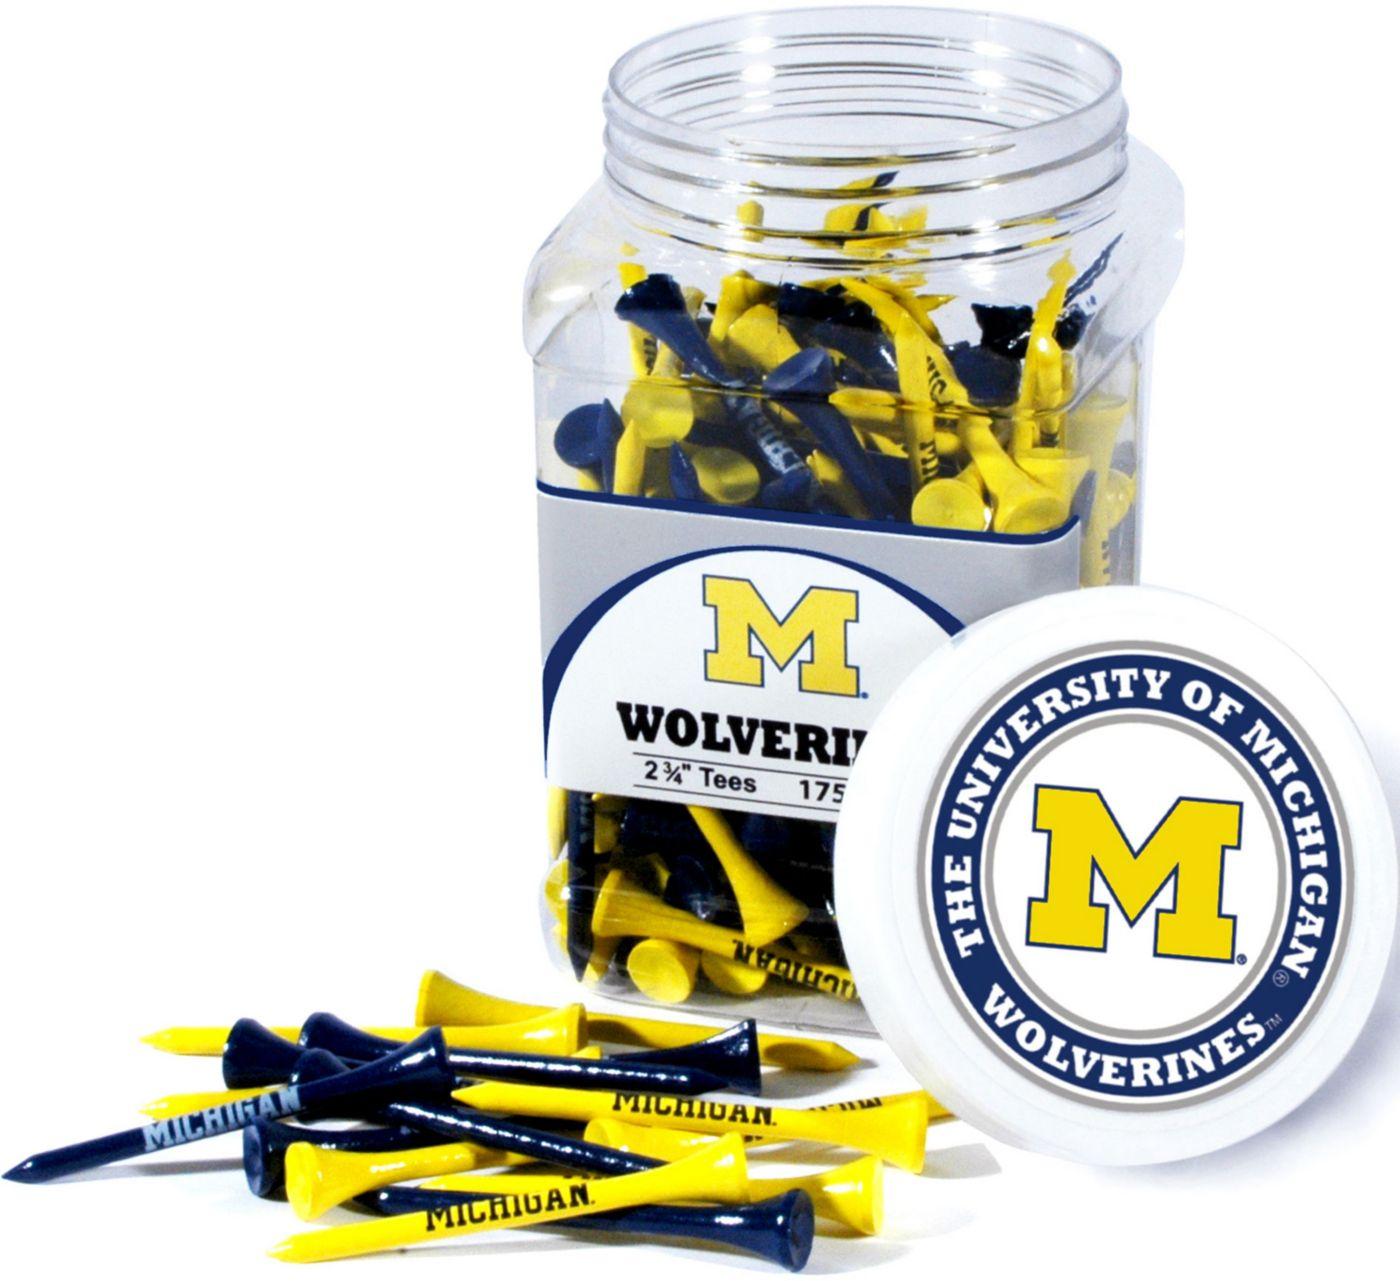 Team Golf Michigan Wolverines Tee Jar - 175 Pack